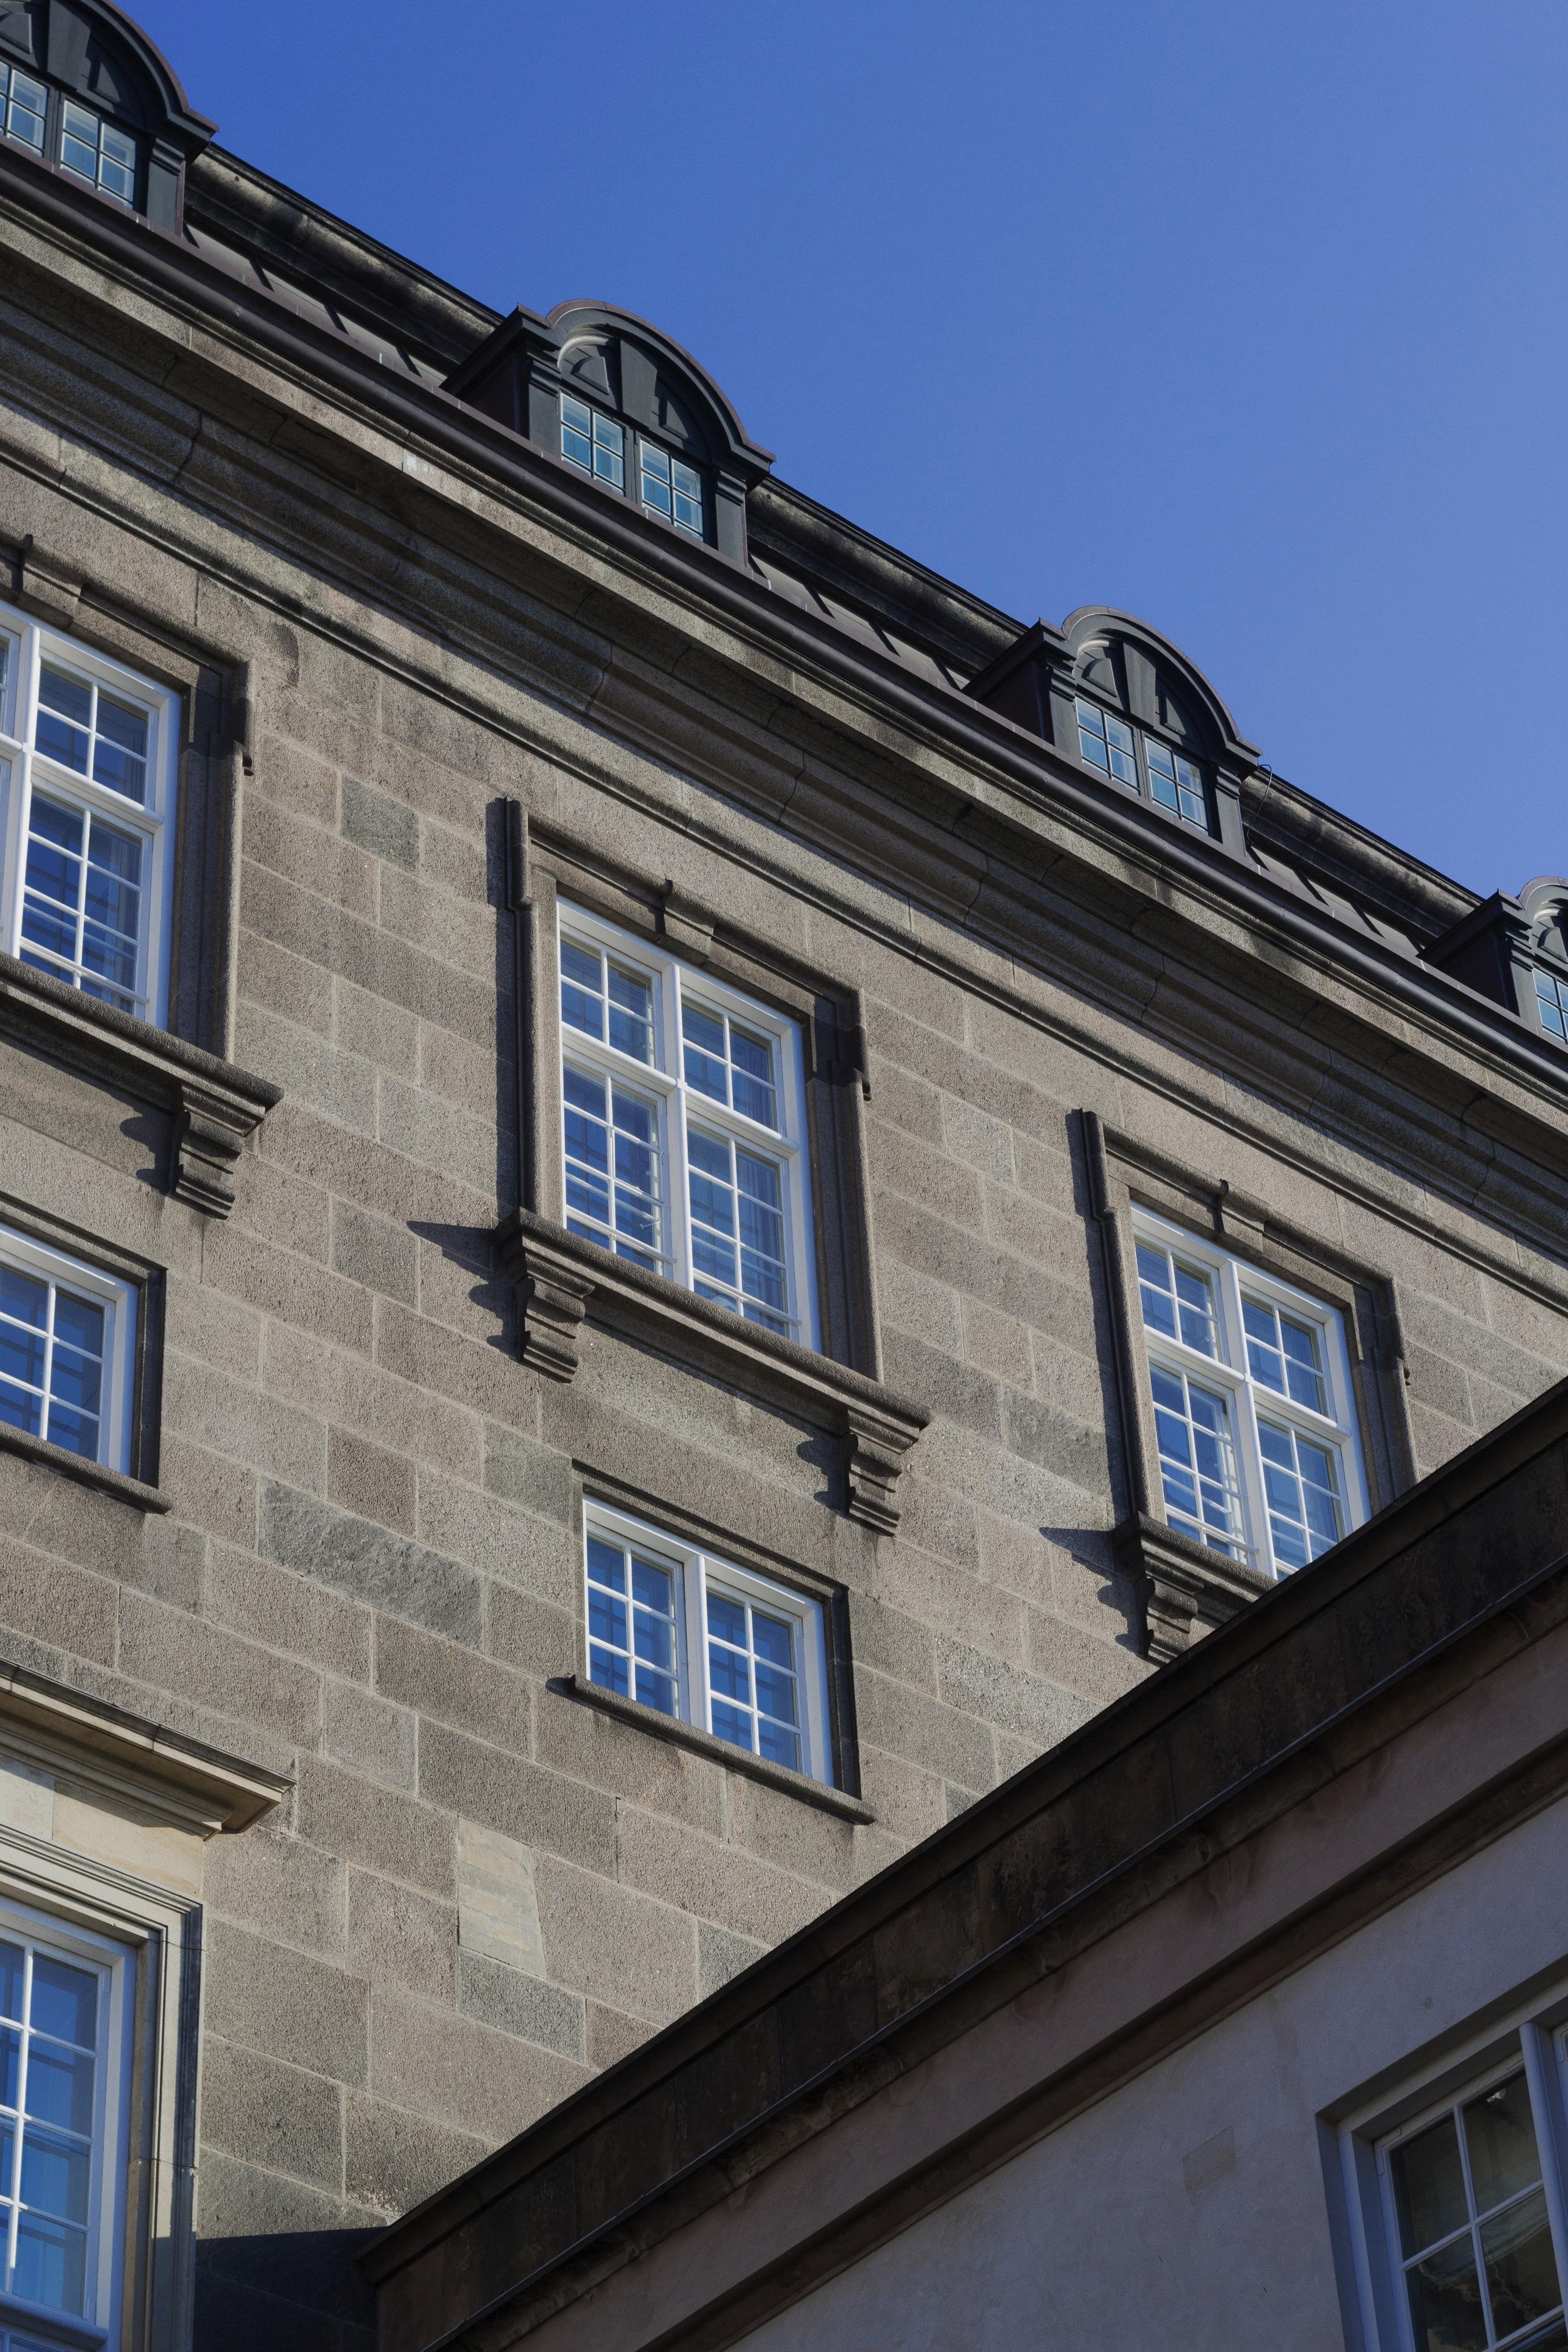 Windows. -